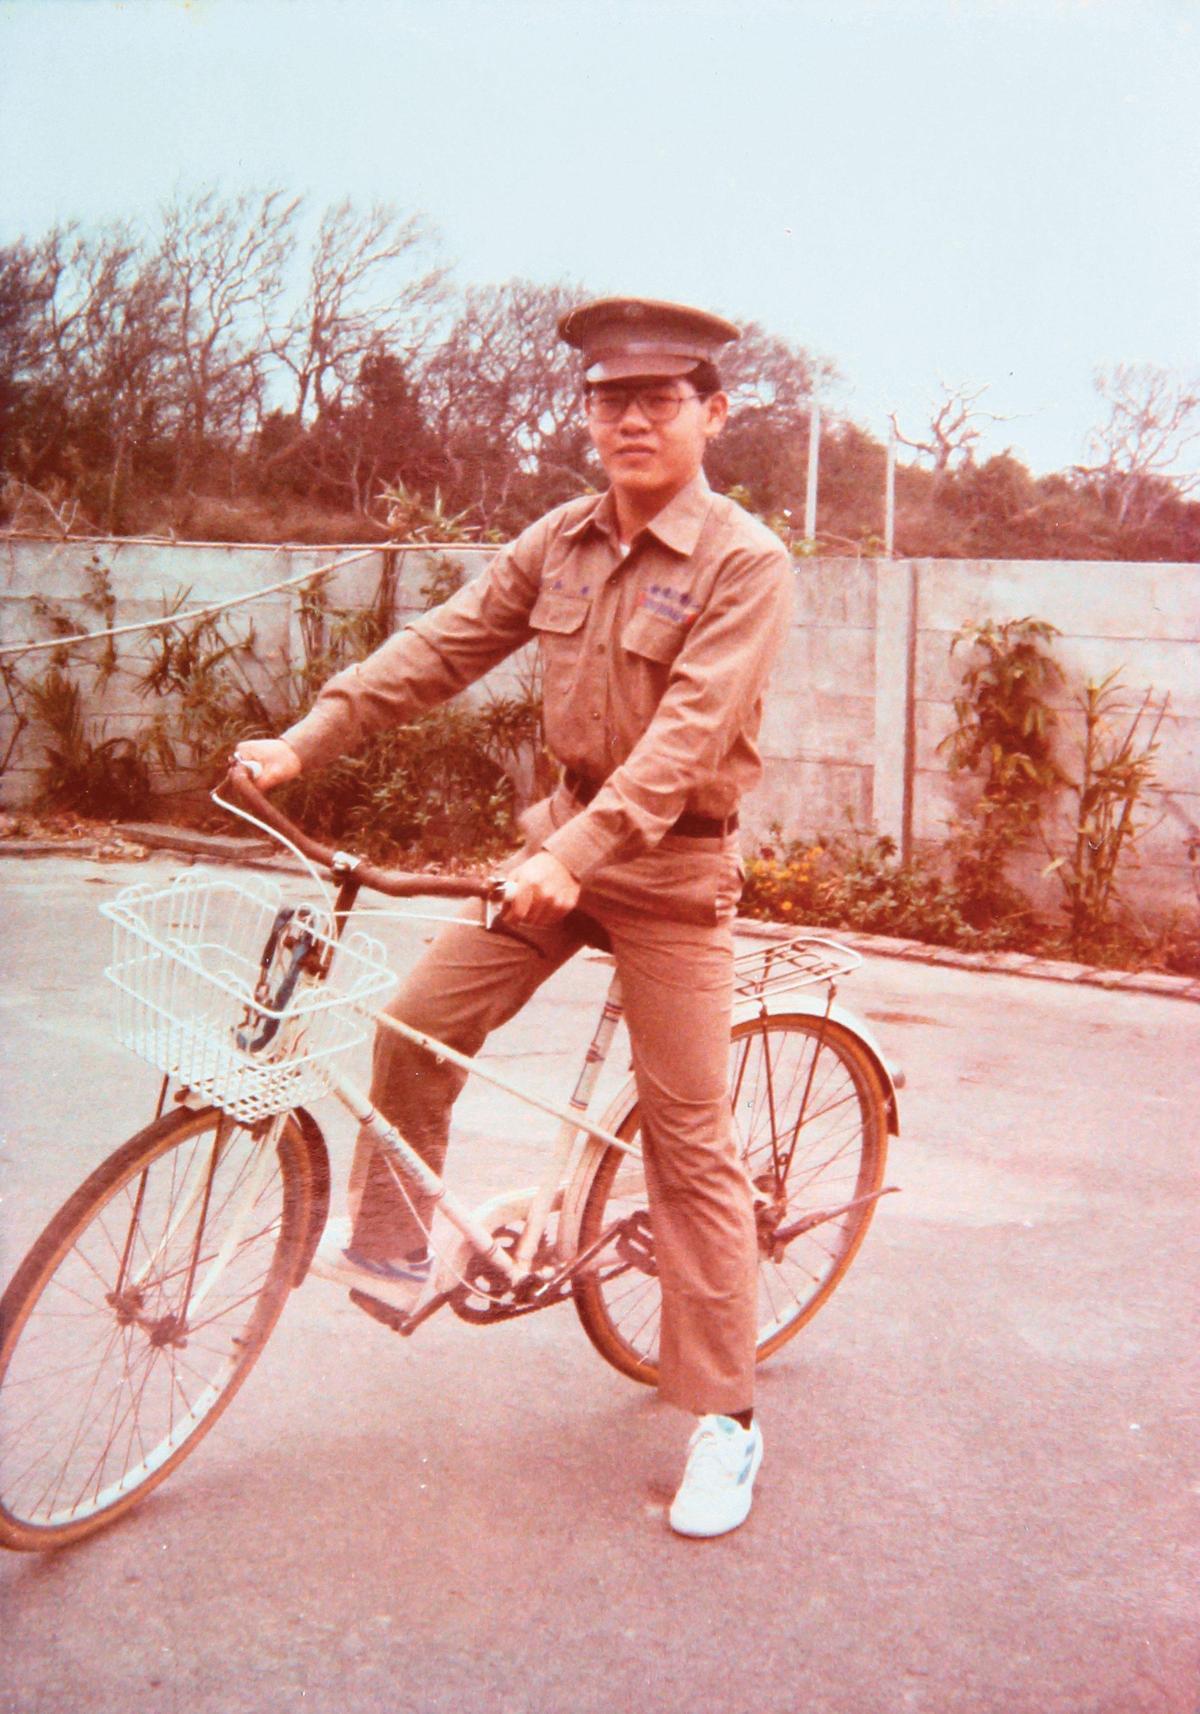 念彰化高工時的廖品源,每天騎37公里腳踏車上班、上學。(廖品源提供)